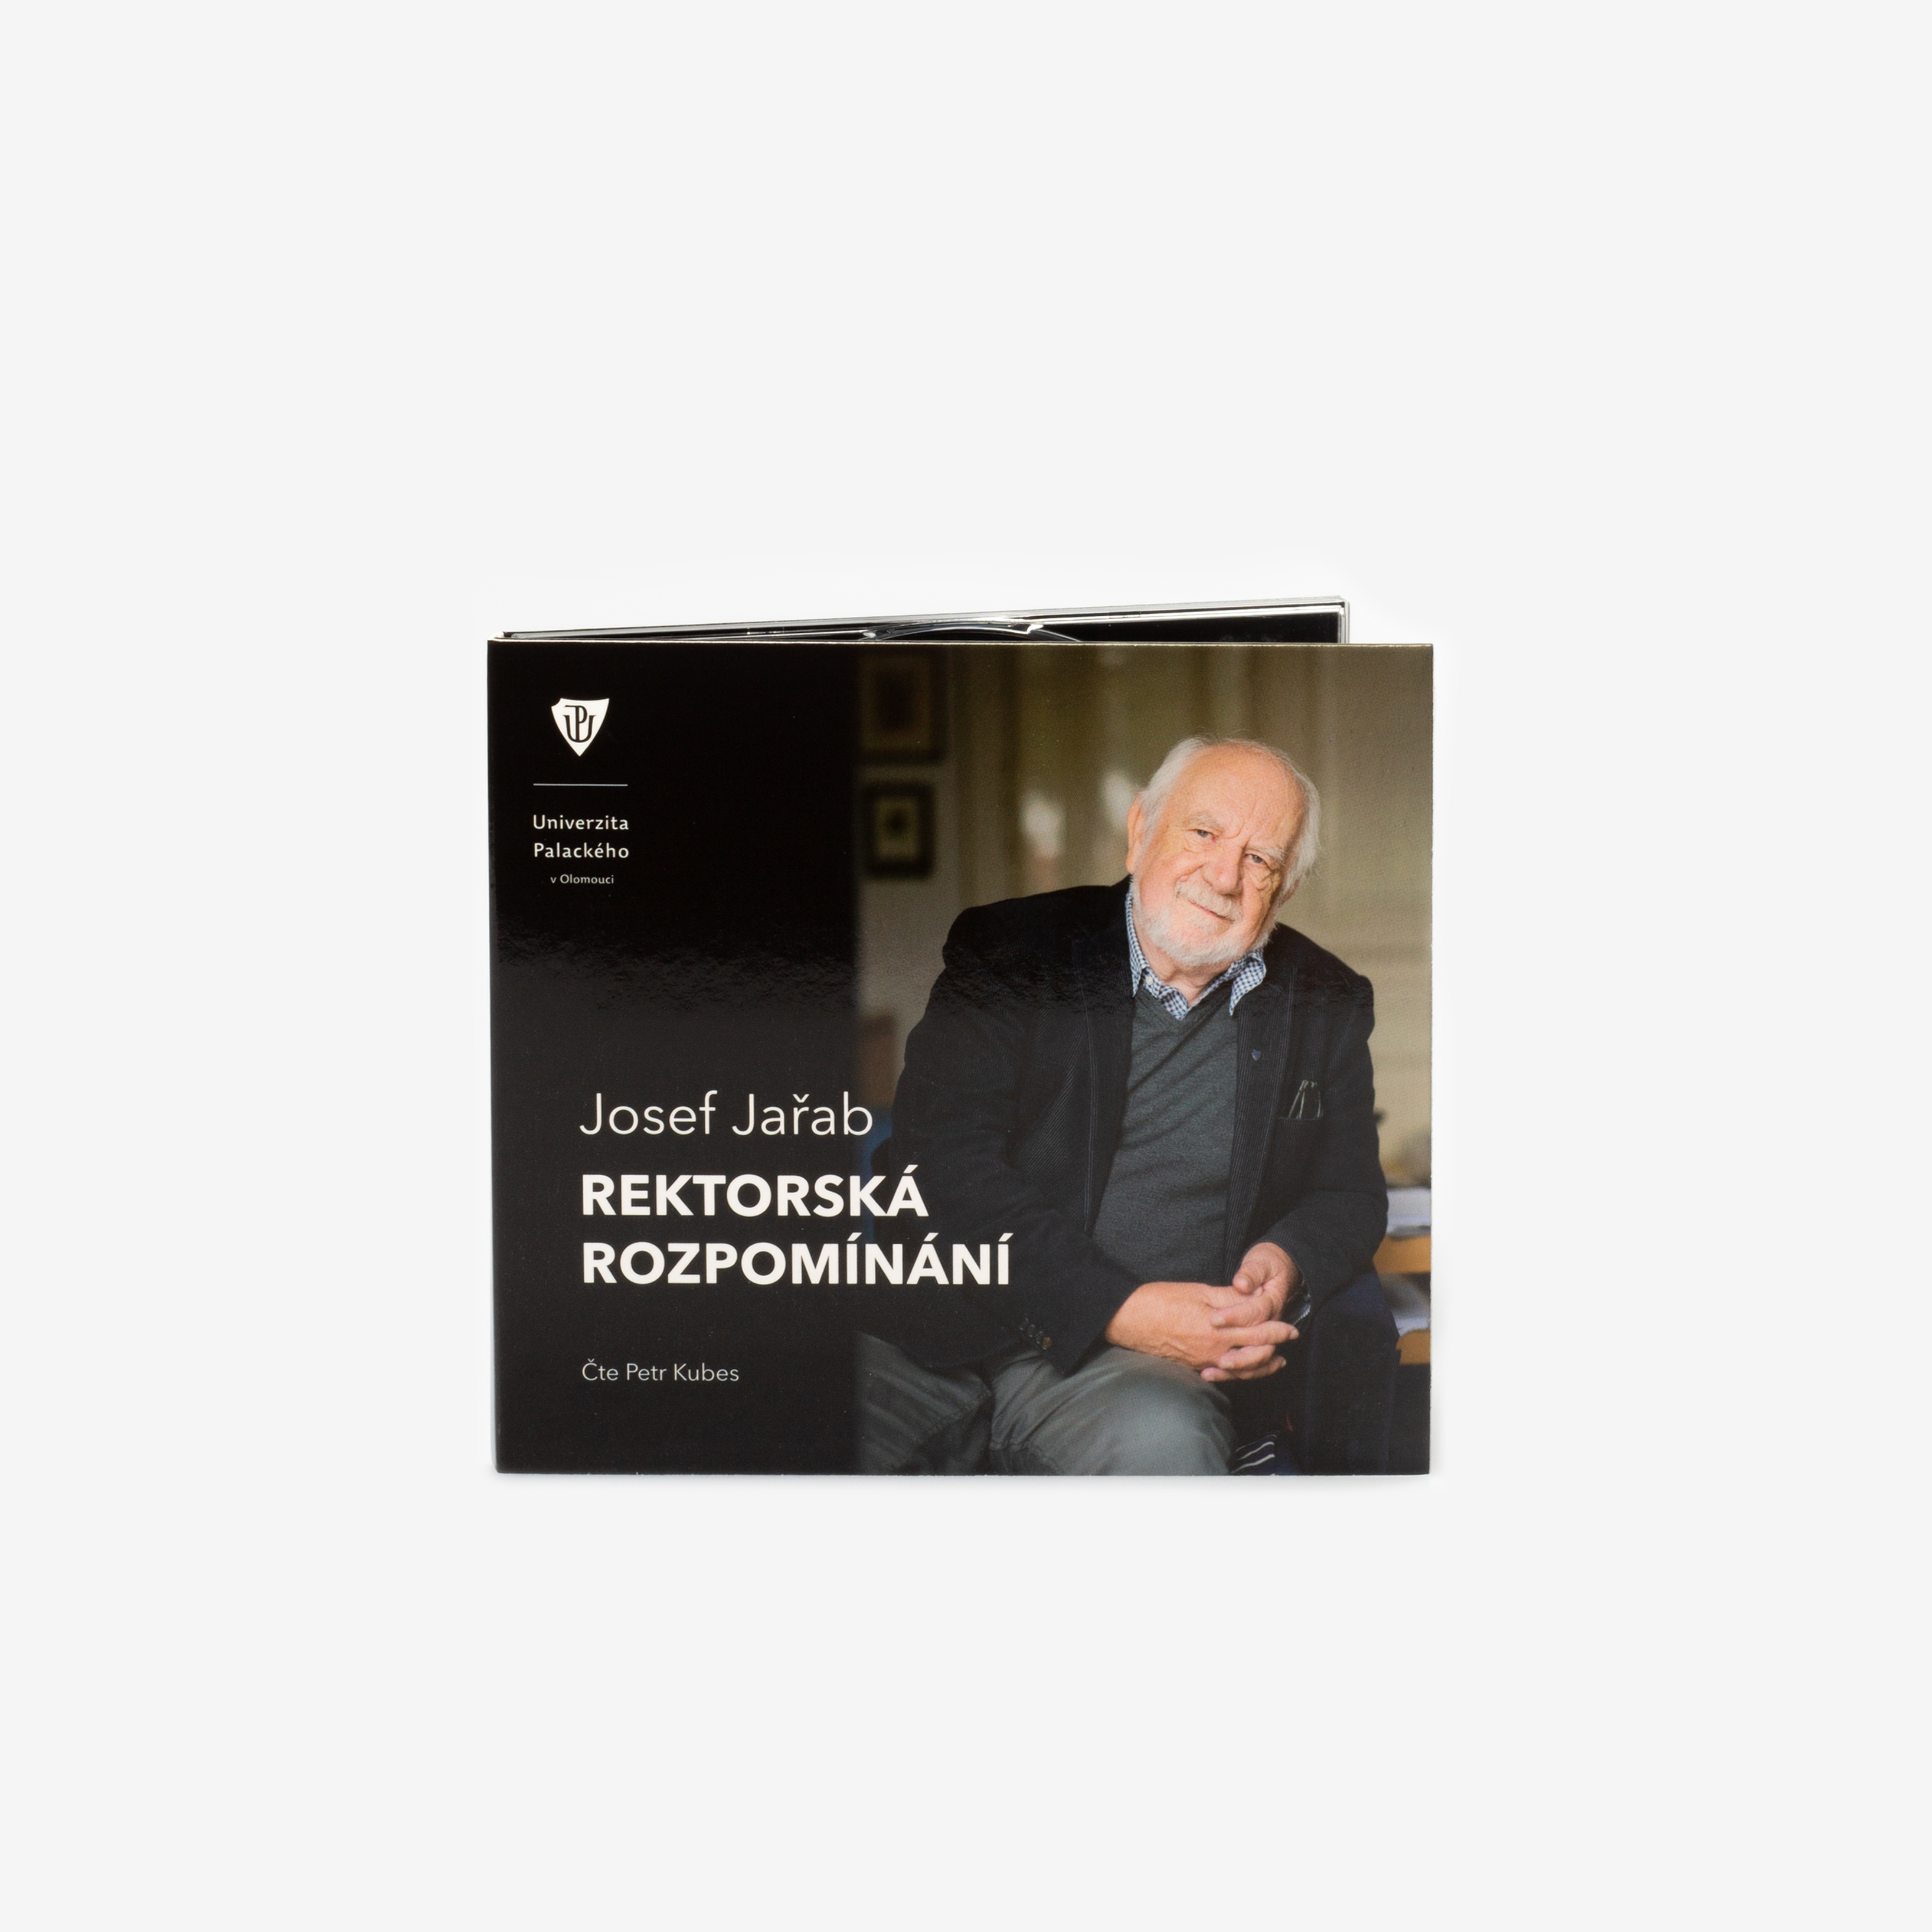 Audiokniha pamětí profesora Jařaba kdostání vUPointu